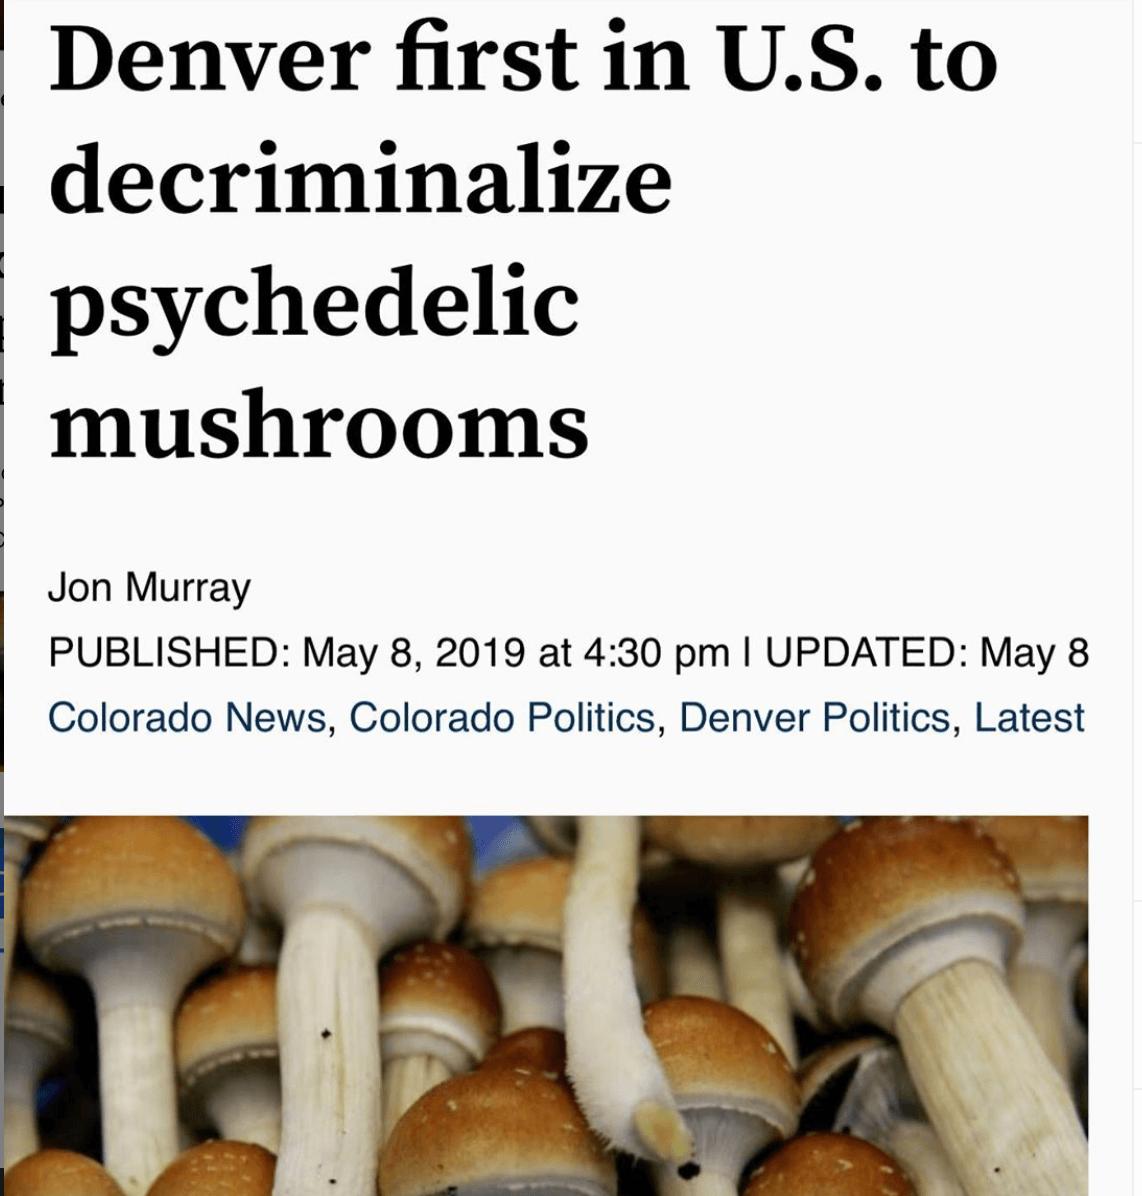 Denver goes first!